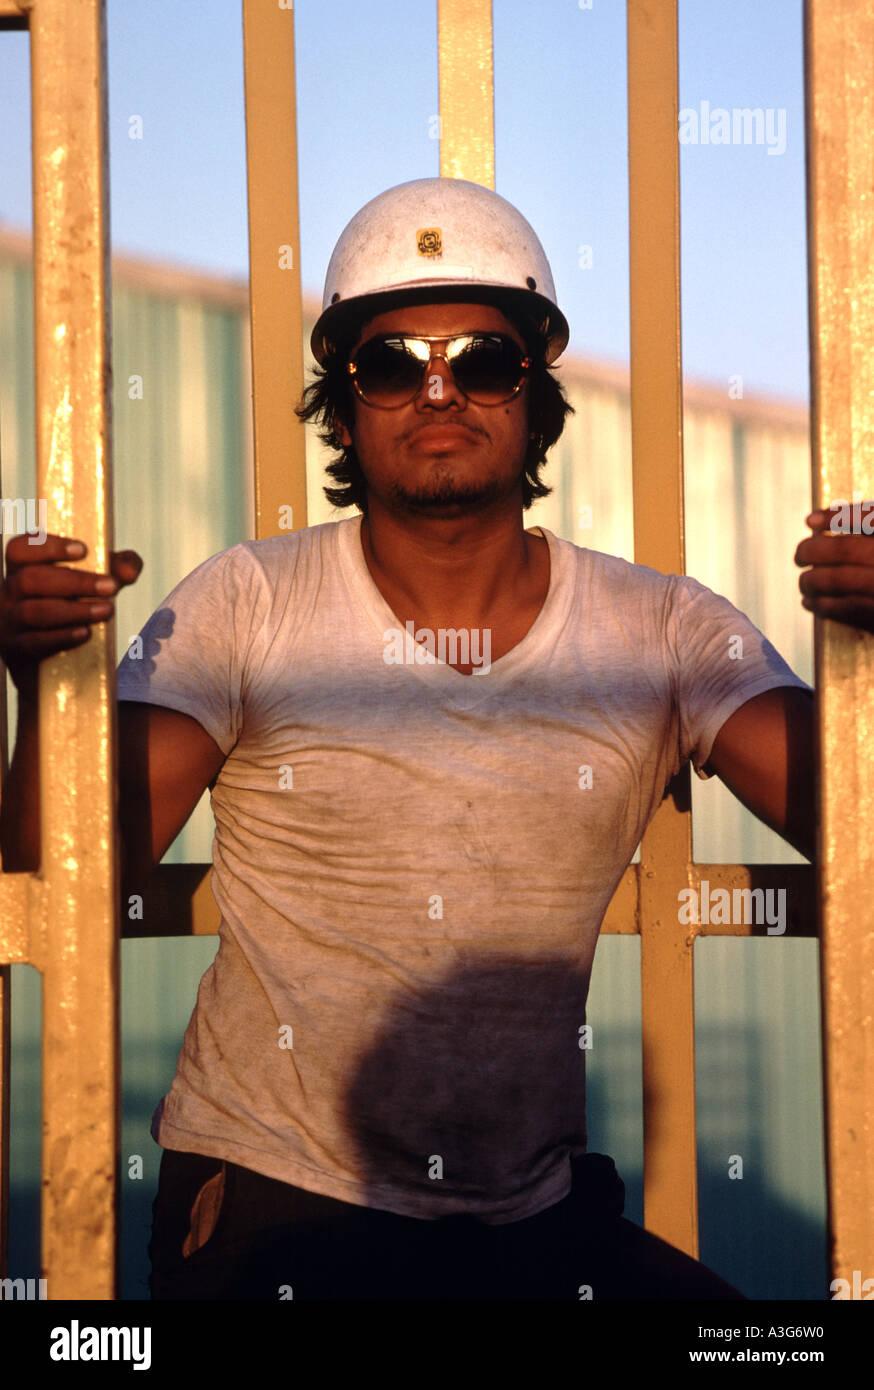 Manley Latino Bauarbeiter in einem weißen Schutzhelm und T-shirt ...